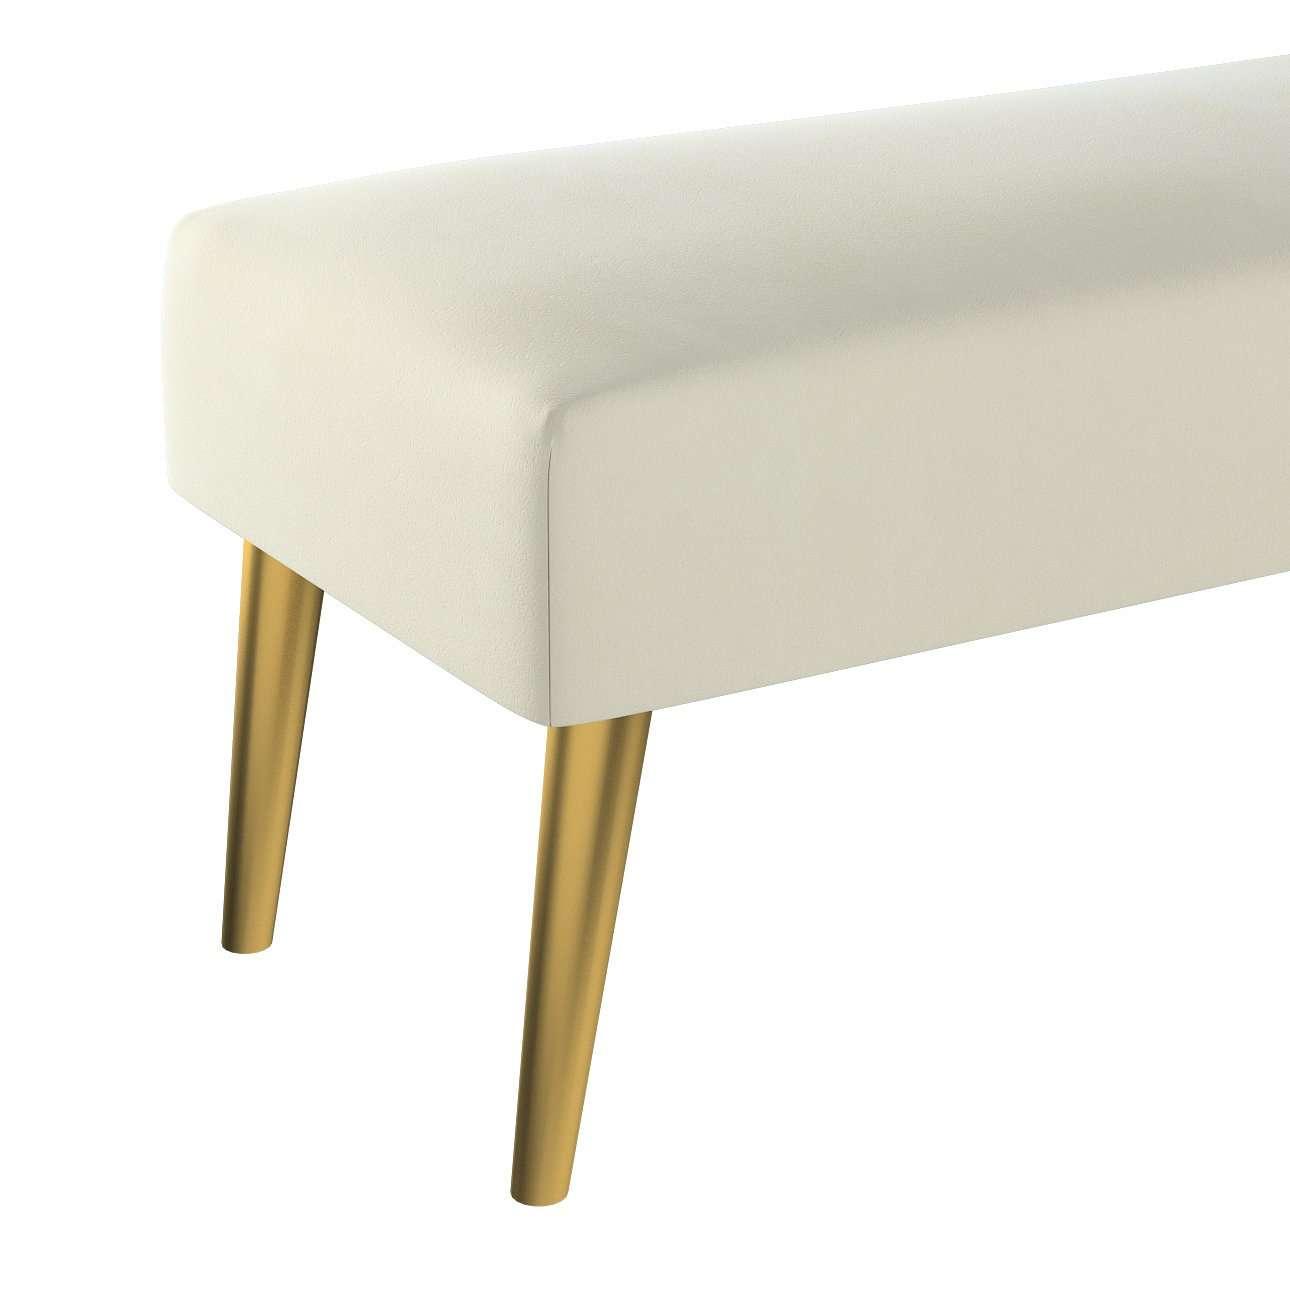 Dlouhá lavička Velvet 100x40cm volba sametových látek v kolekci Velvet, látka: 704-10